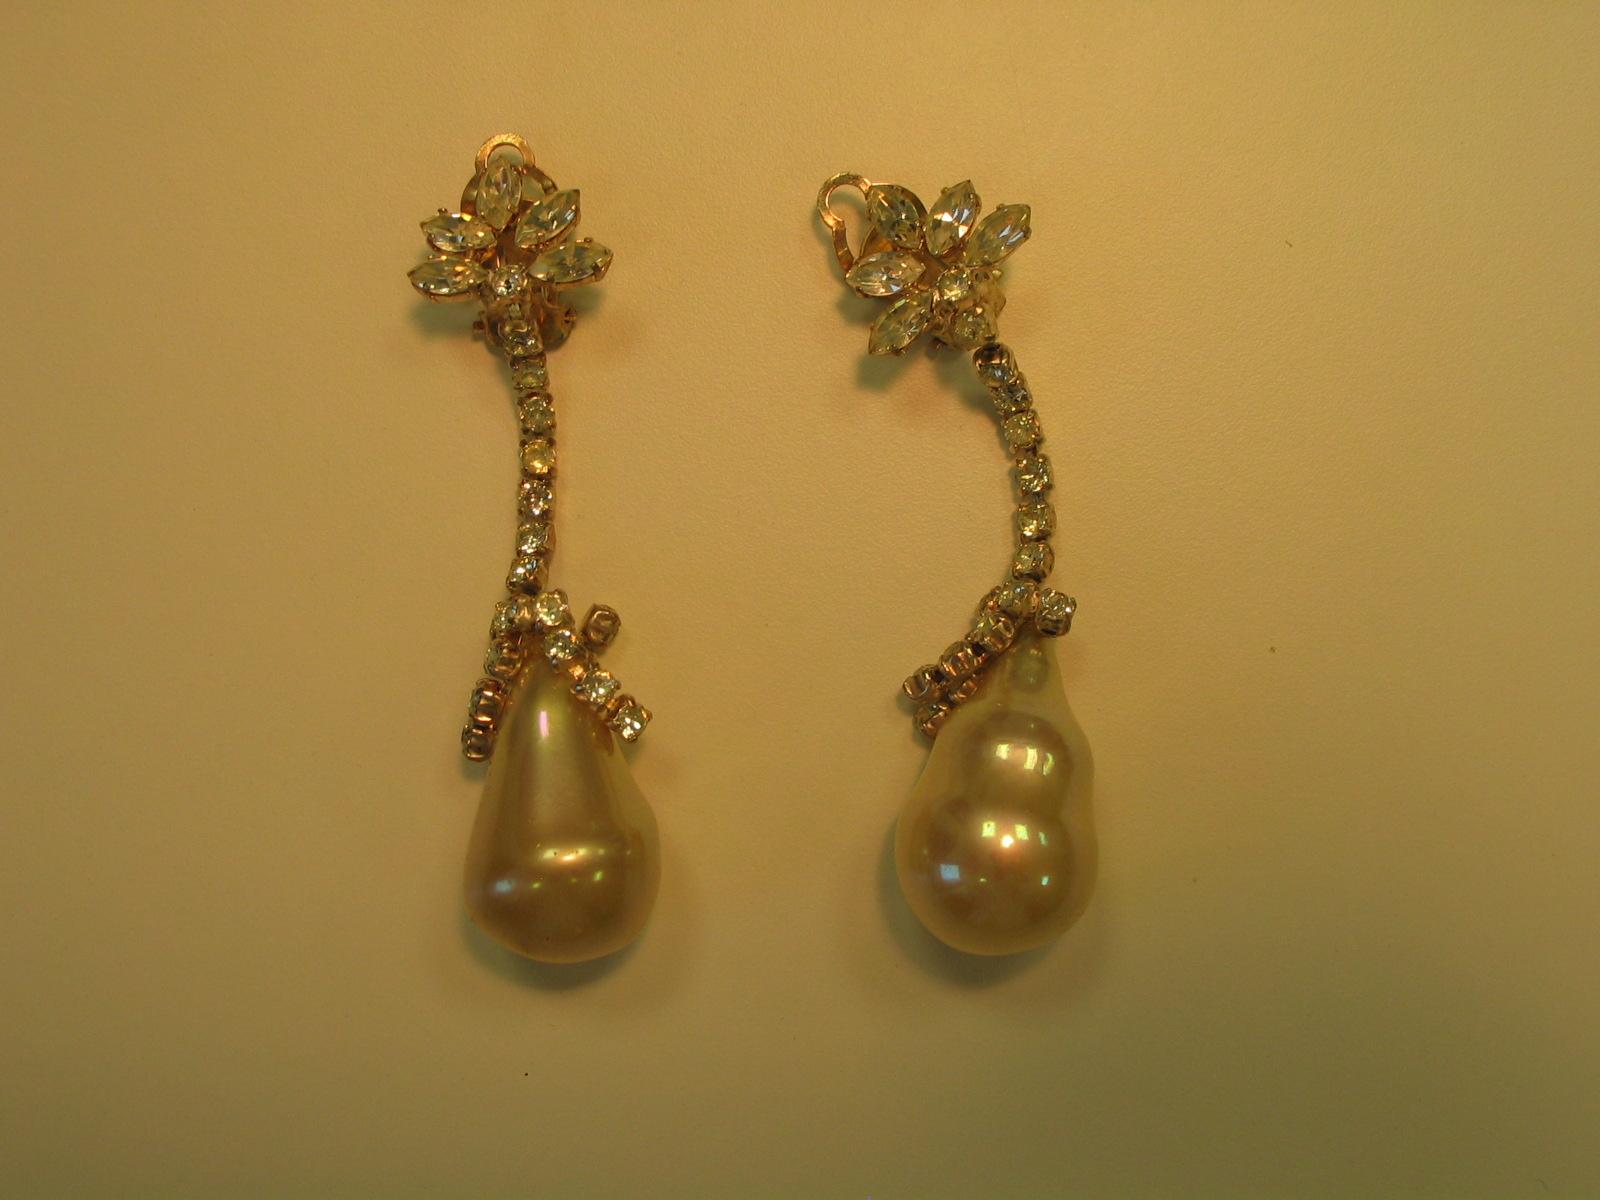 Pendientes con cristales a modo de brillantes acabados en imitación de perla semibarroca